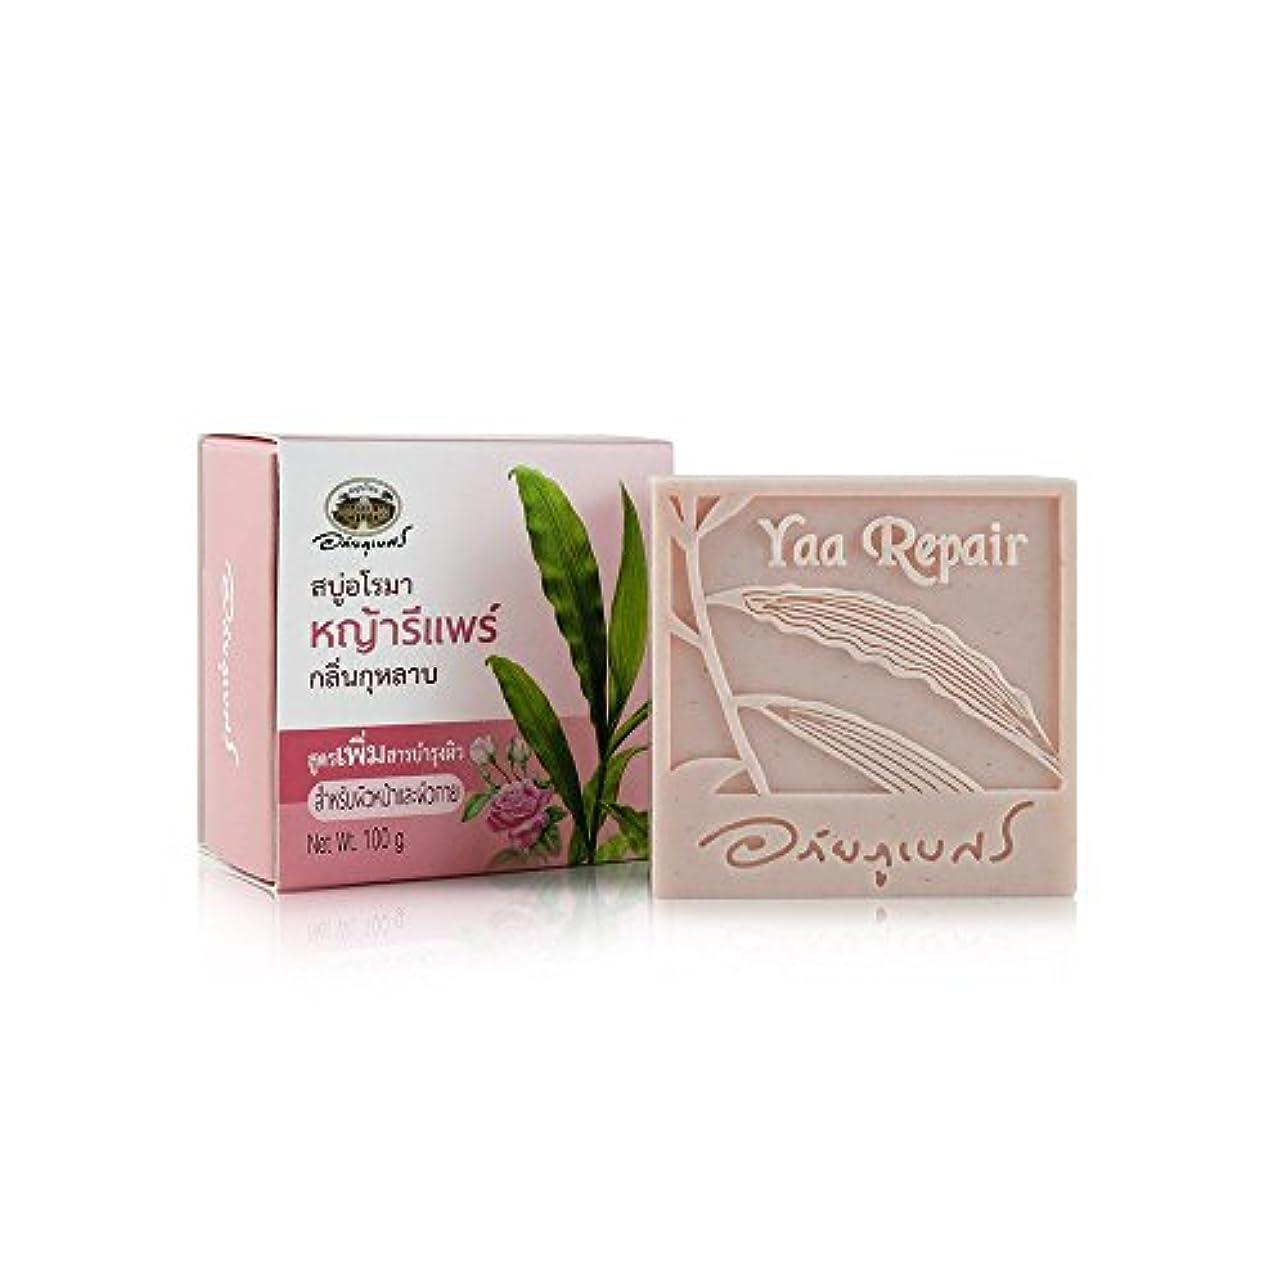 危険な概してヒステリックAbhaibhubejhr Thai Aromatherapy With Rose Skin Care Formula Herbal Body Face Cleaning Soap 100g. Abhaibhubejhr...